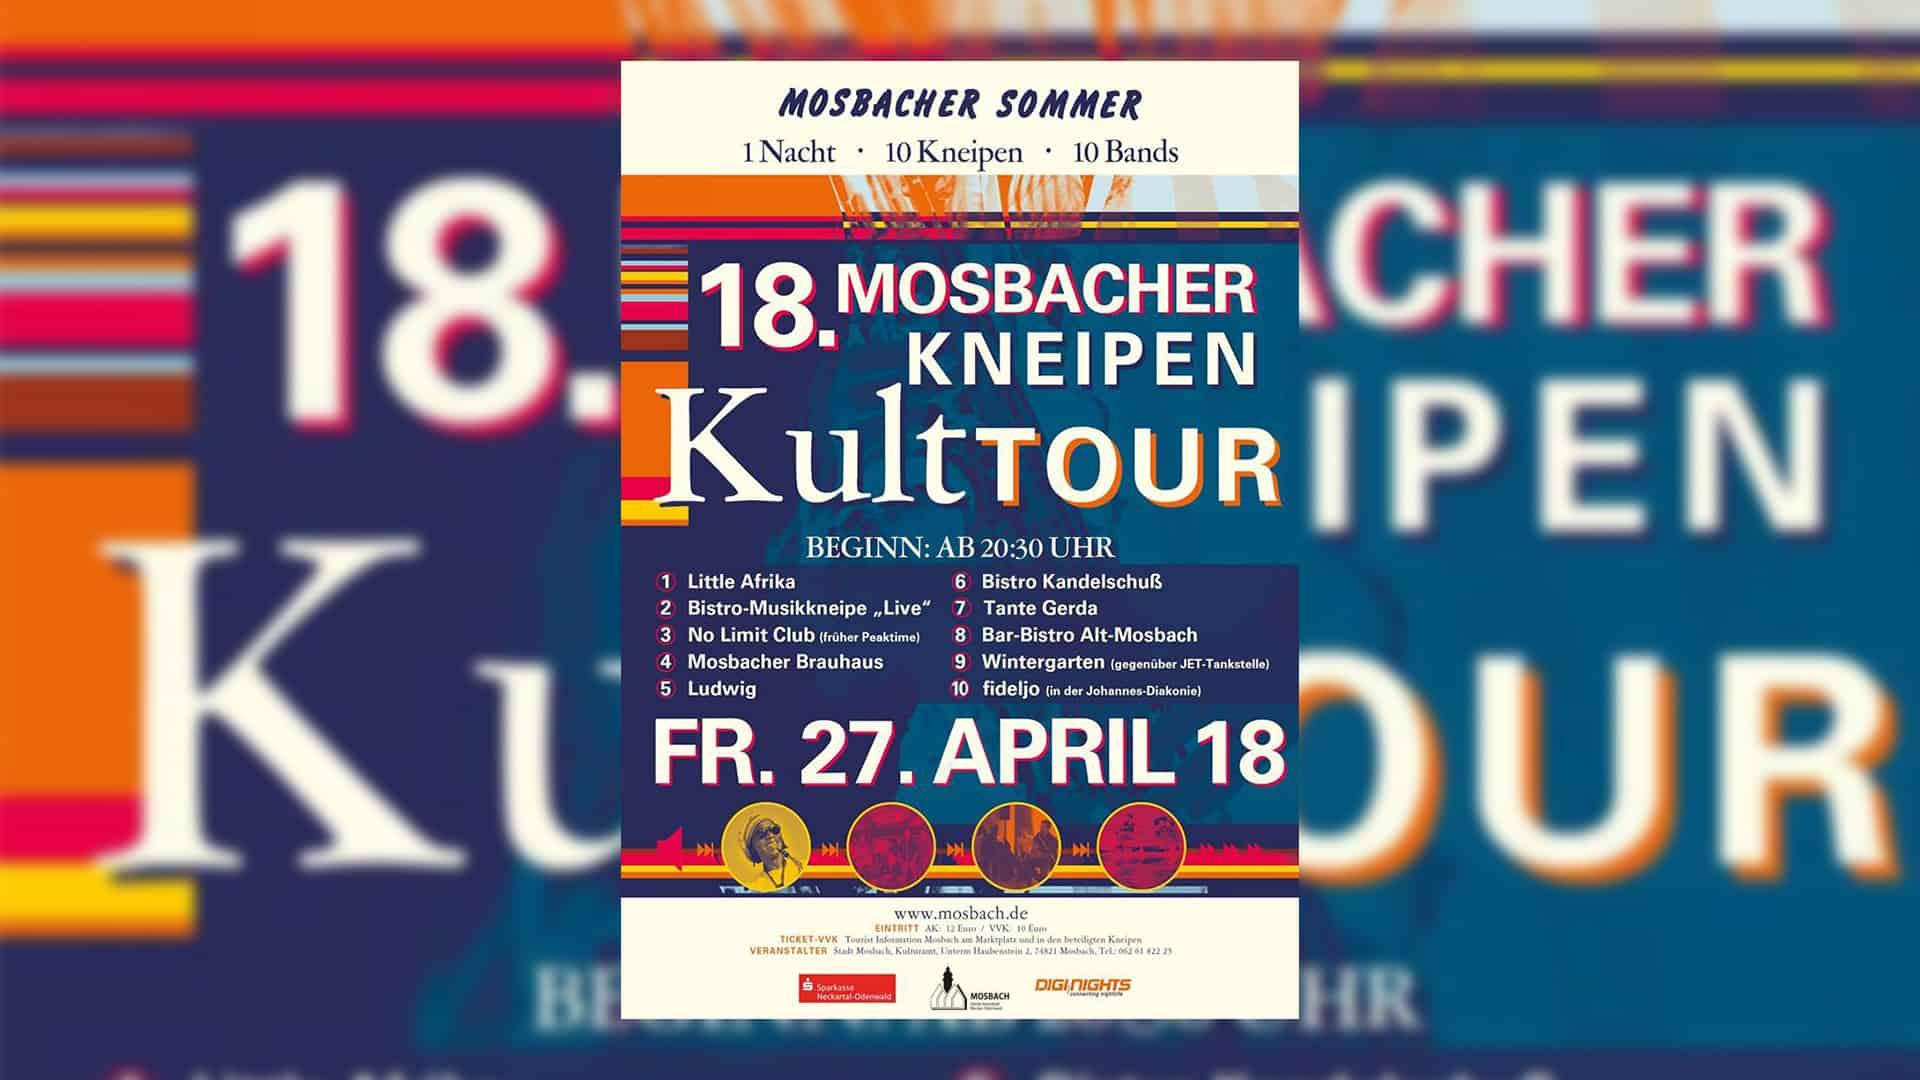 18. Mosbacher Kneipen Kult Tour